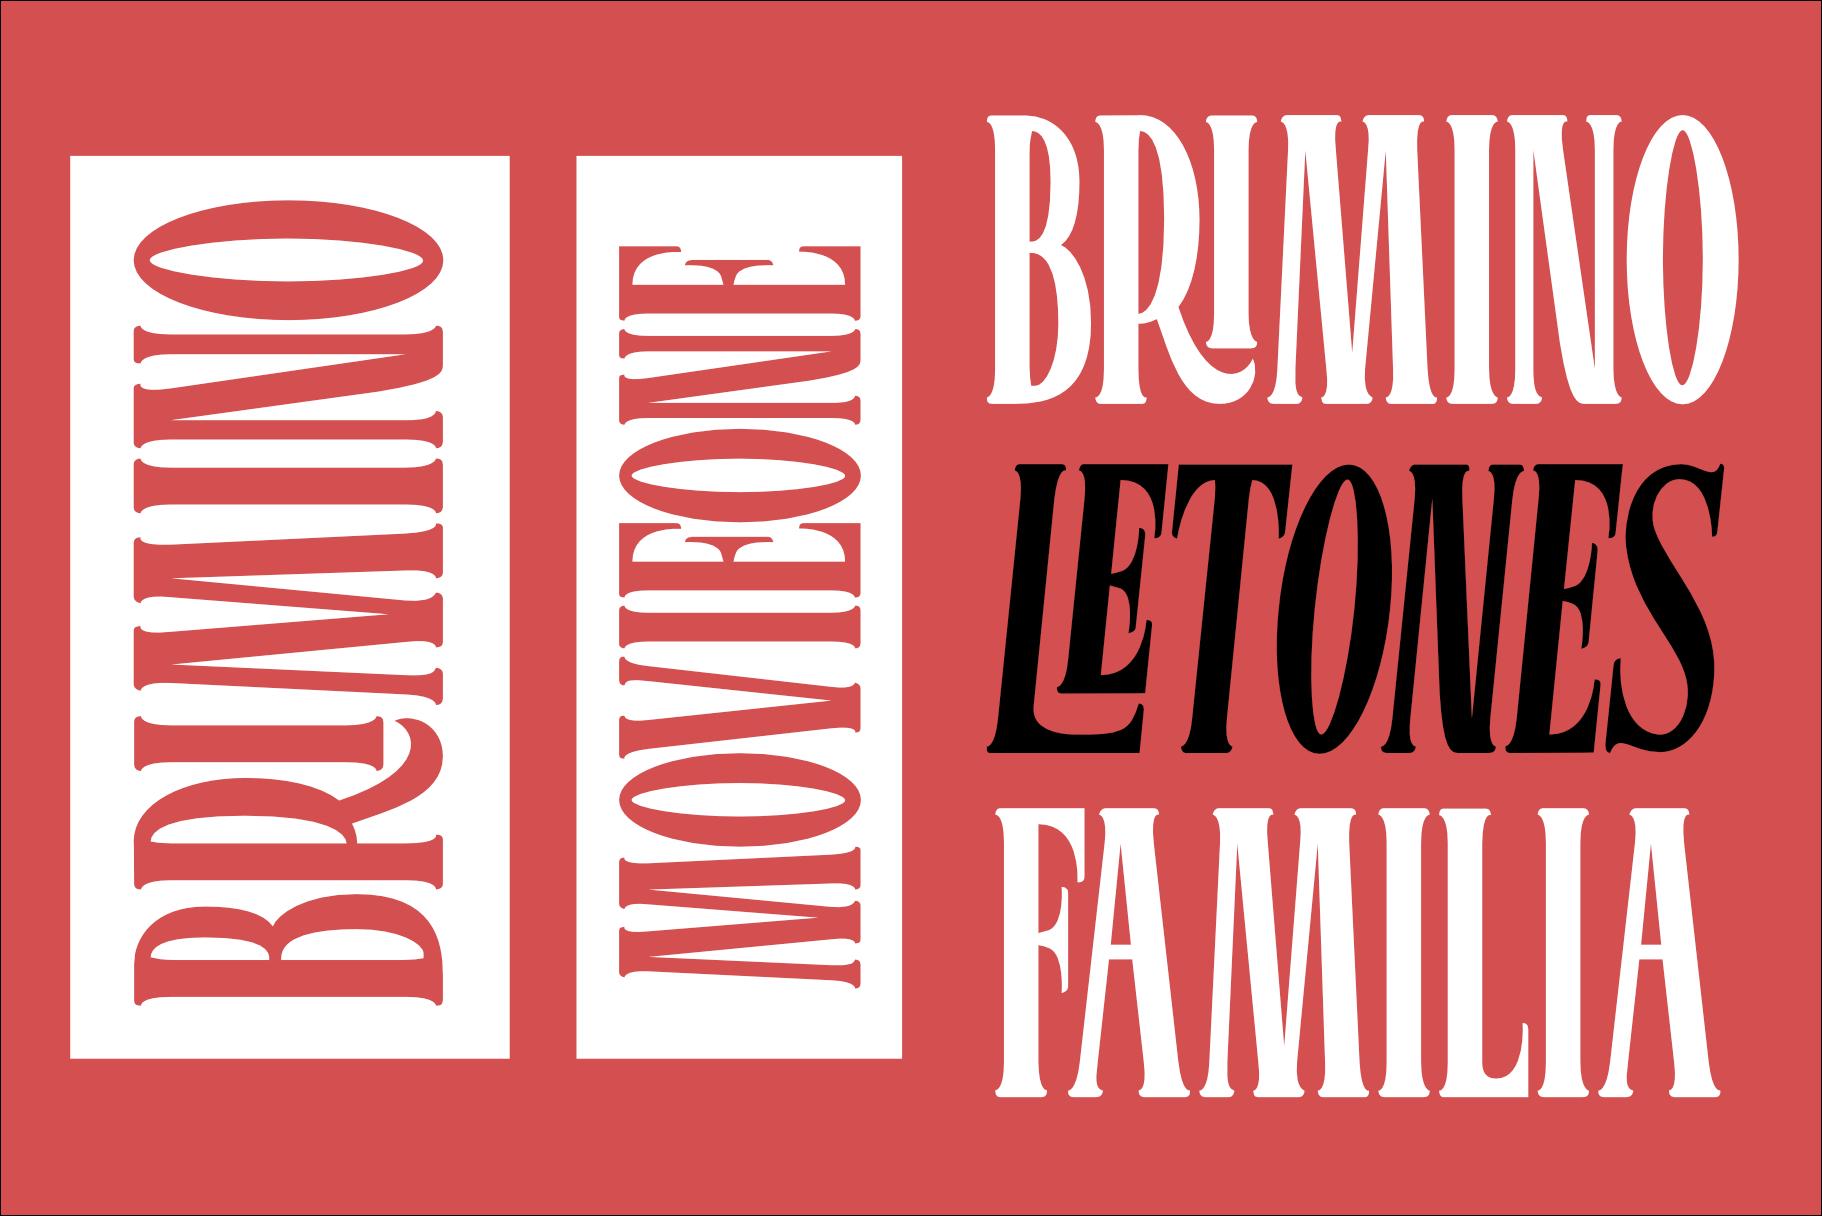 BROMTONE example image 3